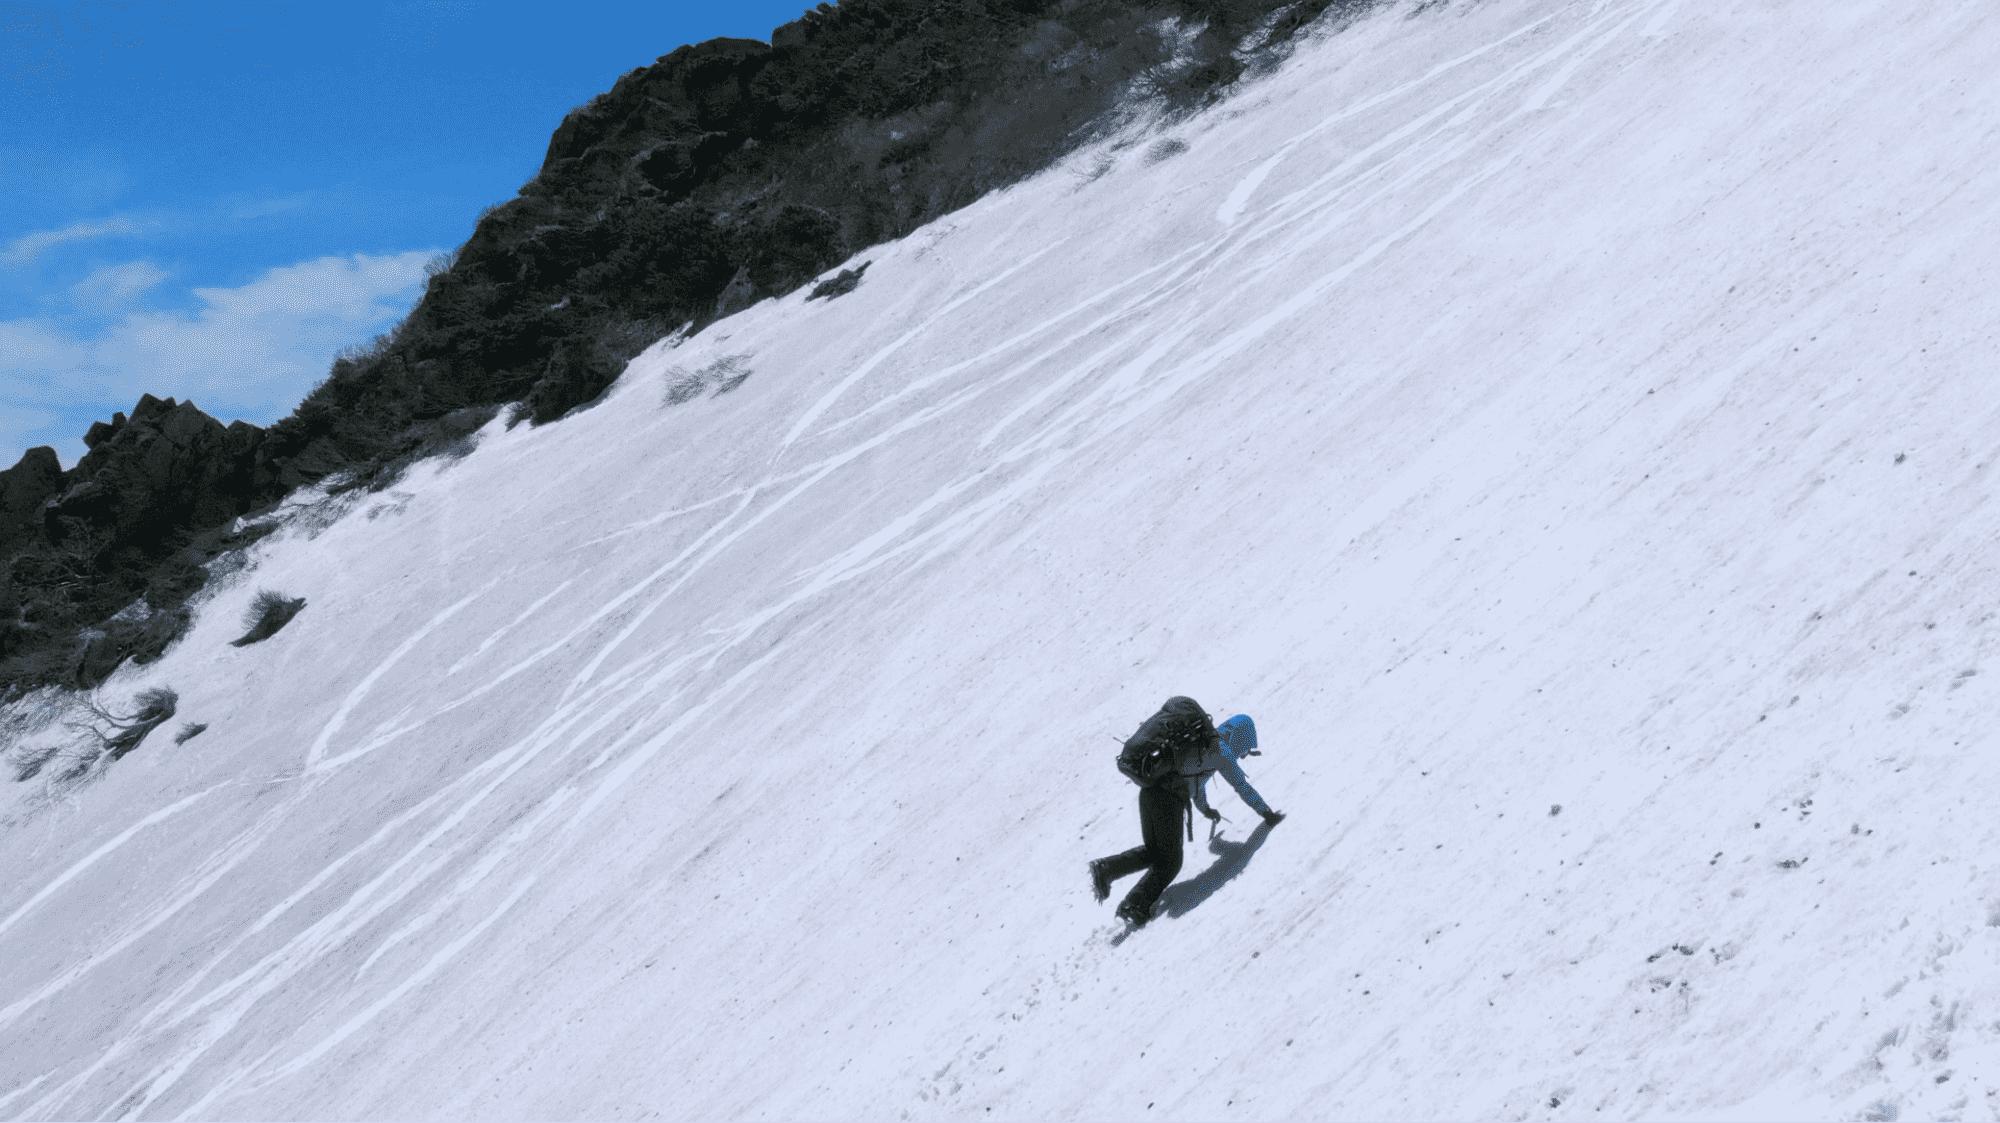 大雪の魅力に魅せられた黒岳登山